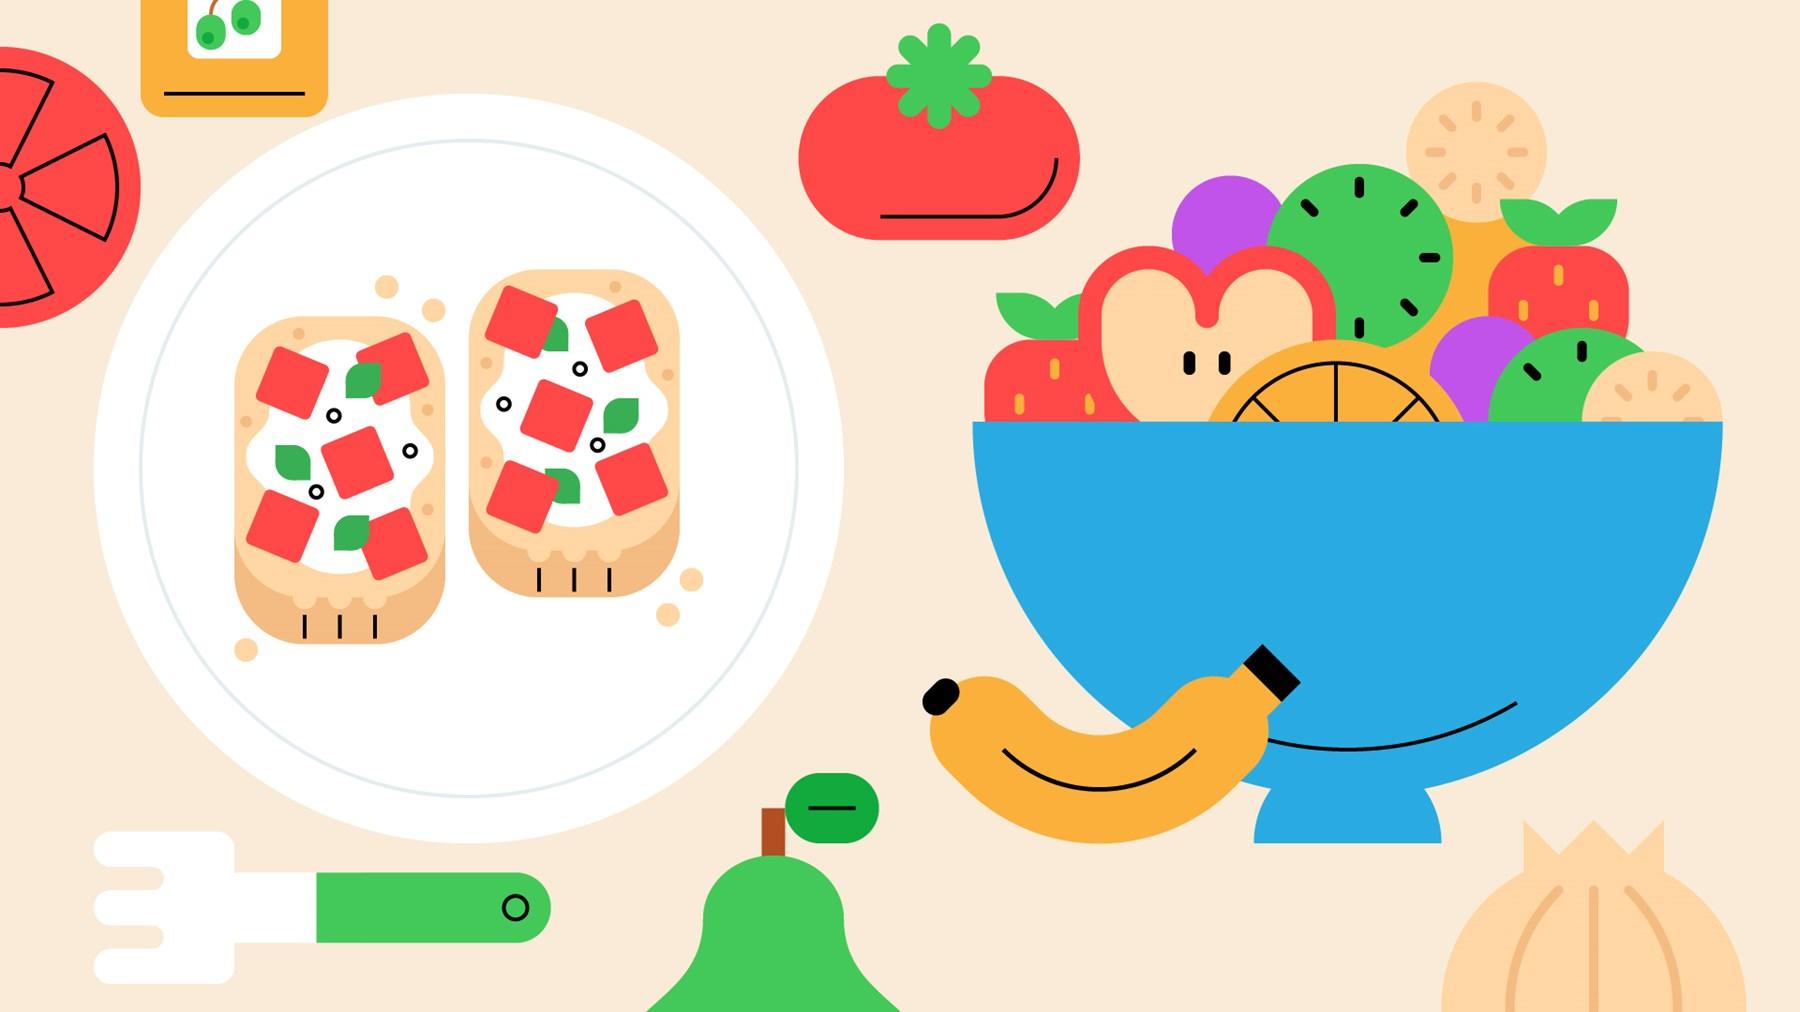 A plate of bruschetta next to a fruit bowl.